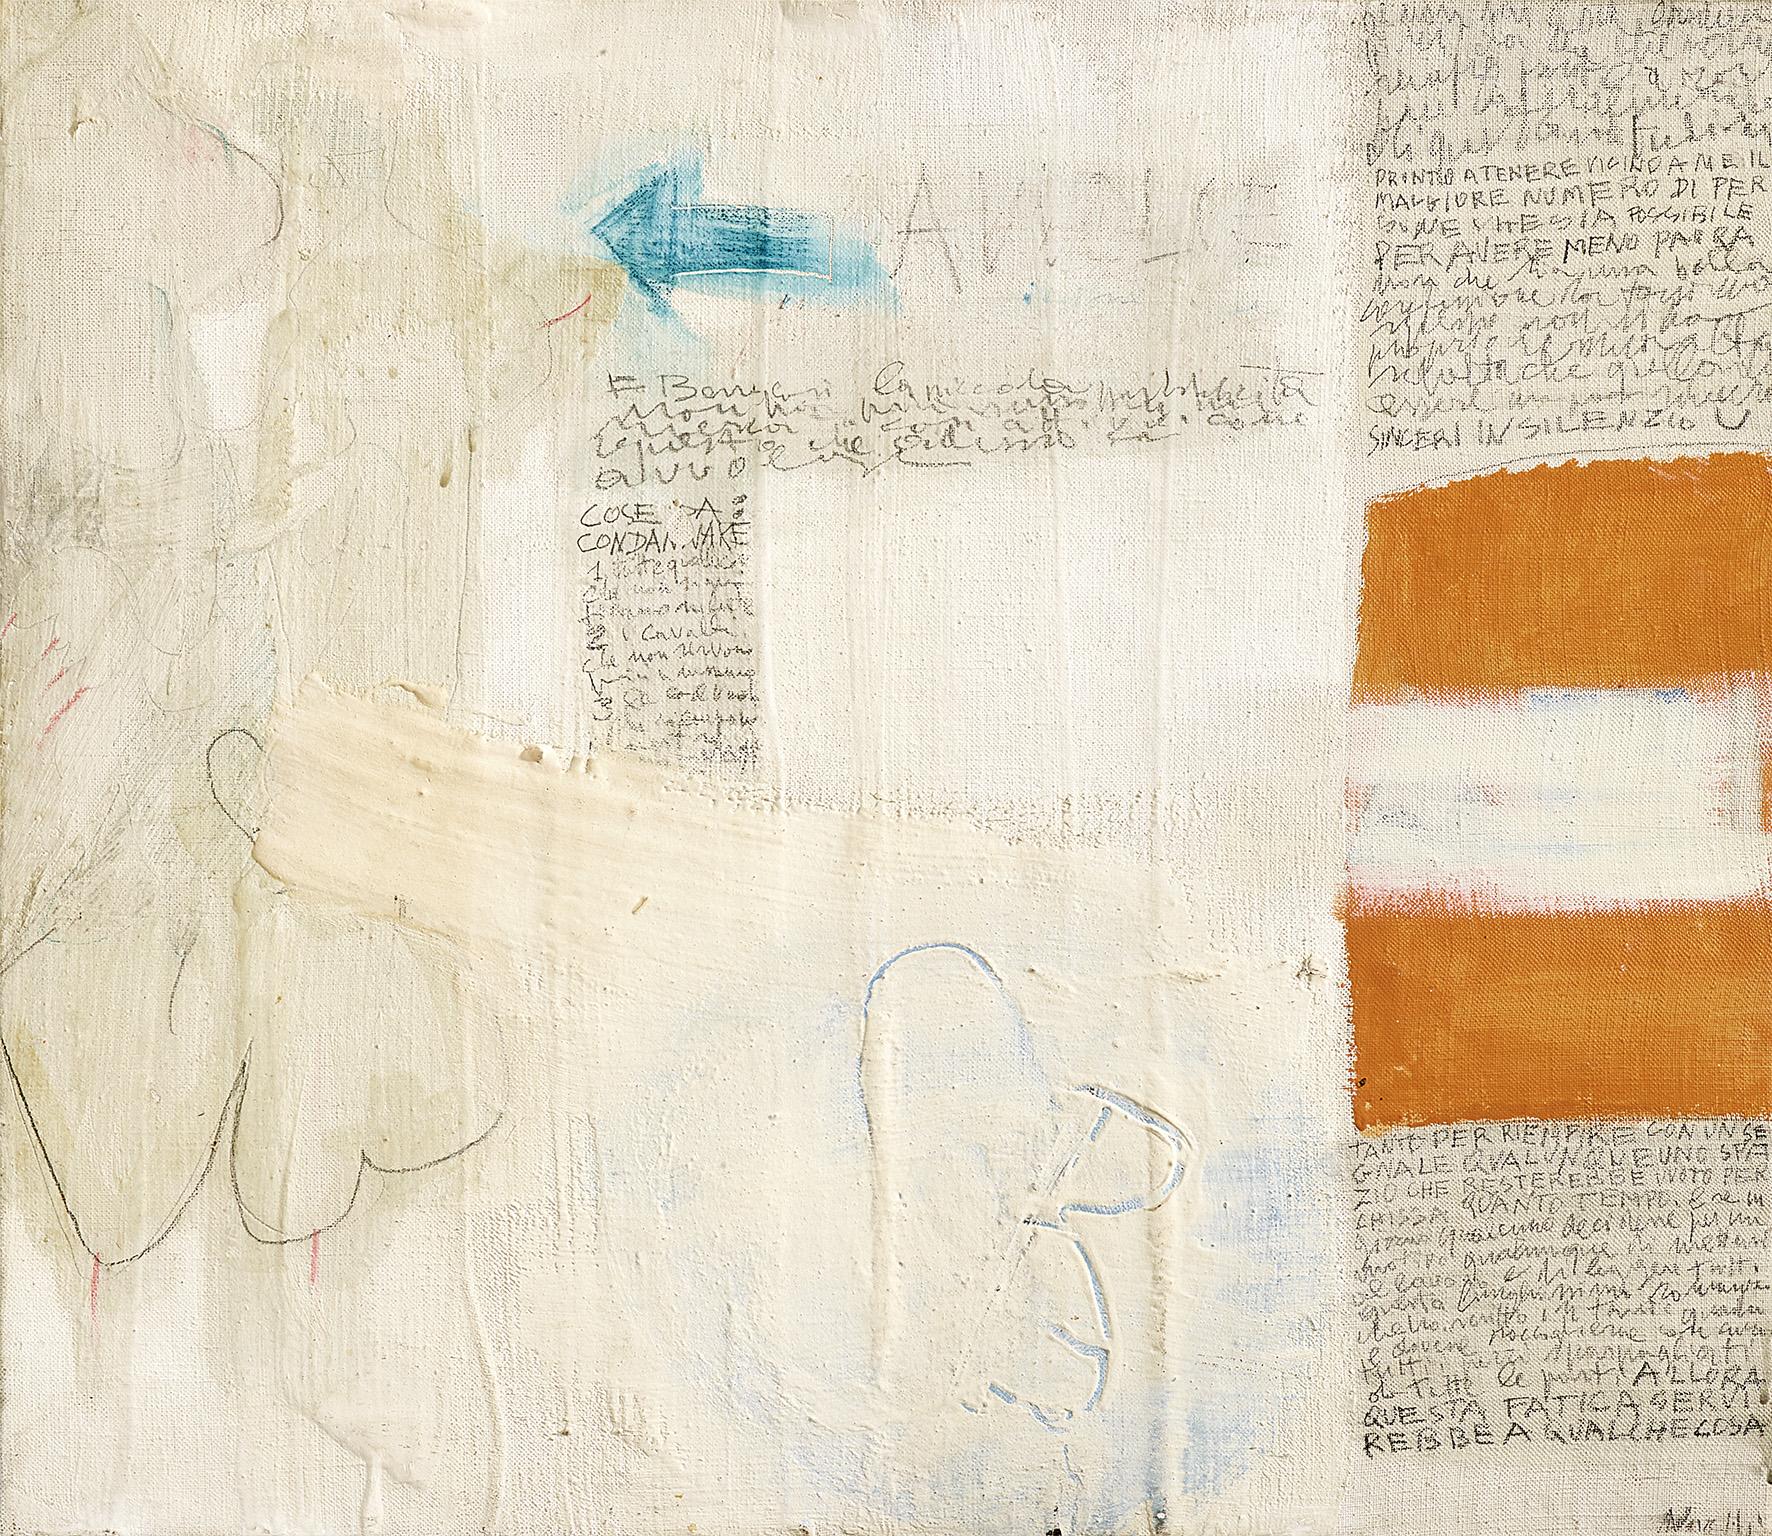 Gastone Novelli, Con un segnale, 1960, Bleistift, Öl und Mischtechnik auf Leinwand, 60,5 x 70 cm, € 65.000 – 85.000